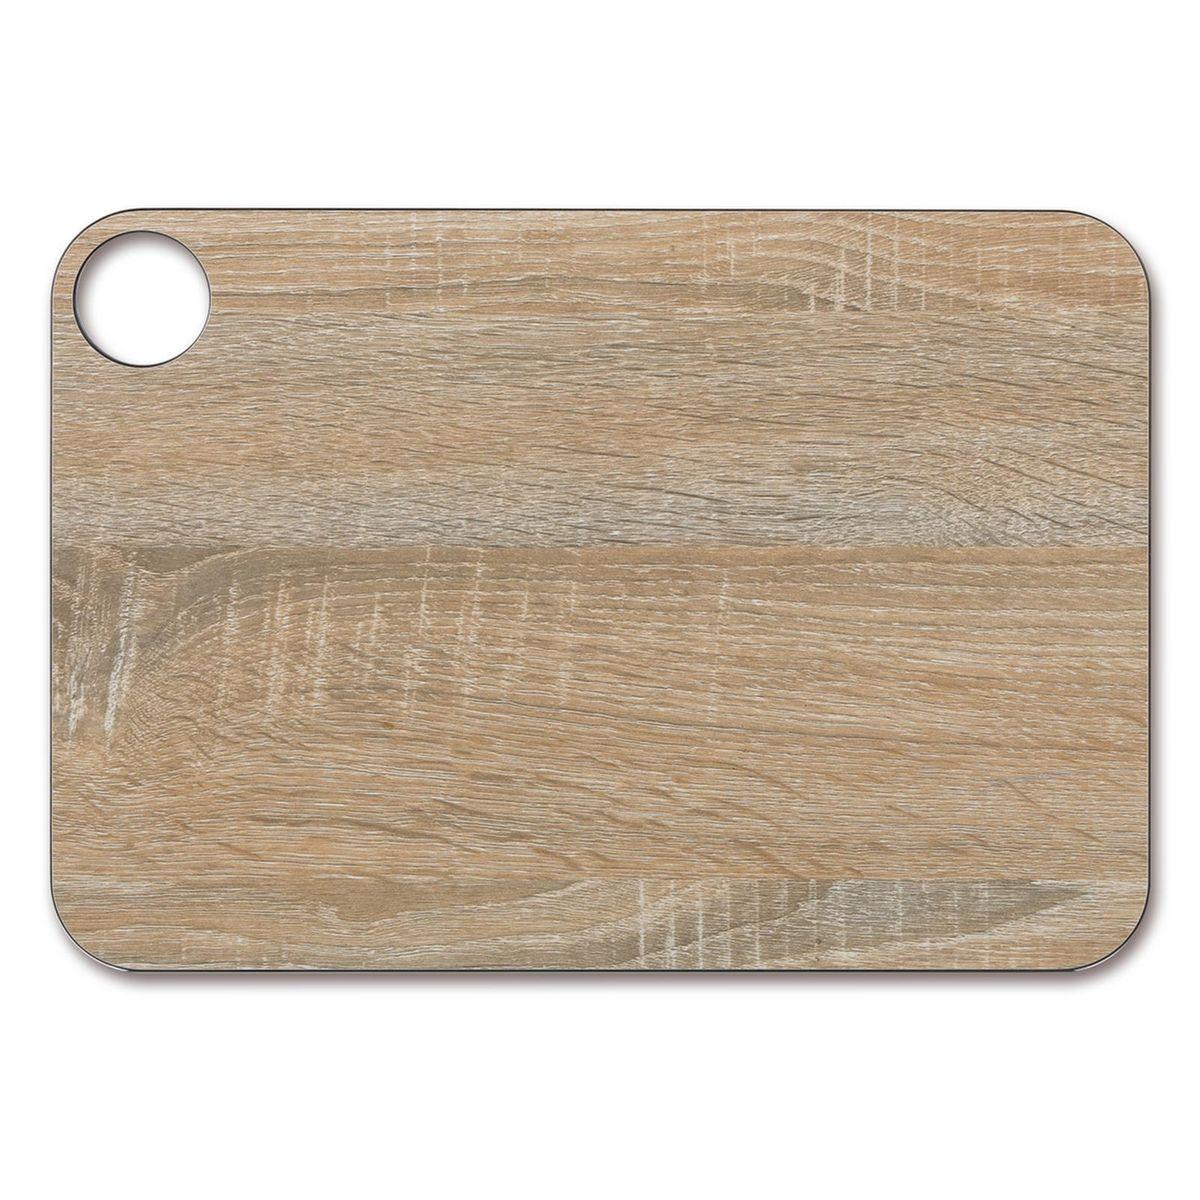 Planche à découper effet bois en papier compressé 33 x 23 cm - Arcos